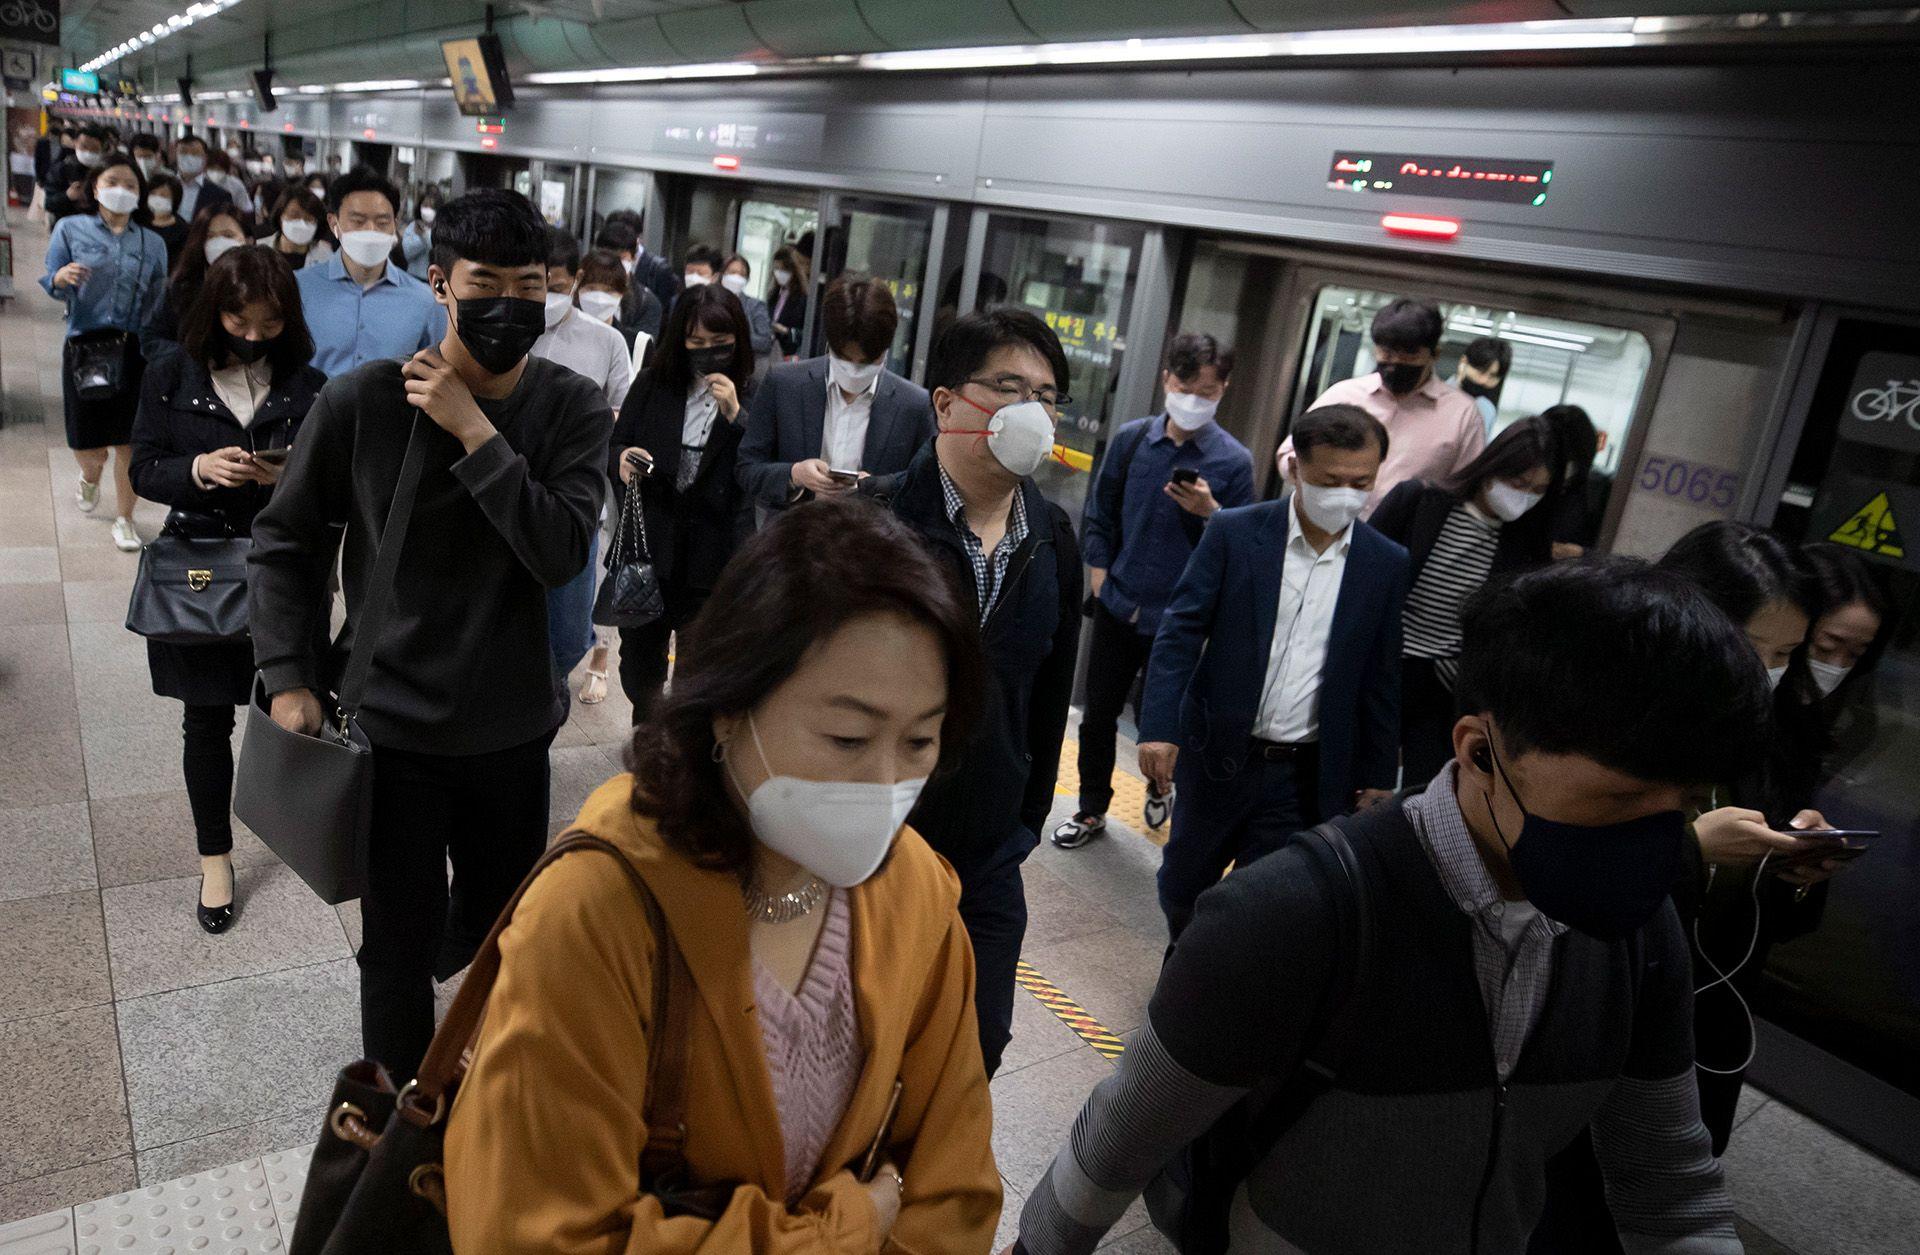 Maszkot viselő utasok a szöuli tömegközlekedésen